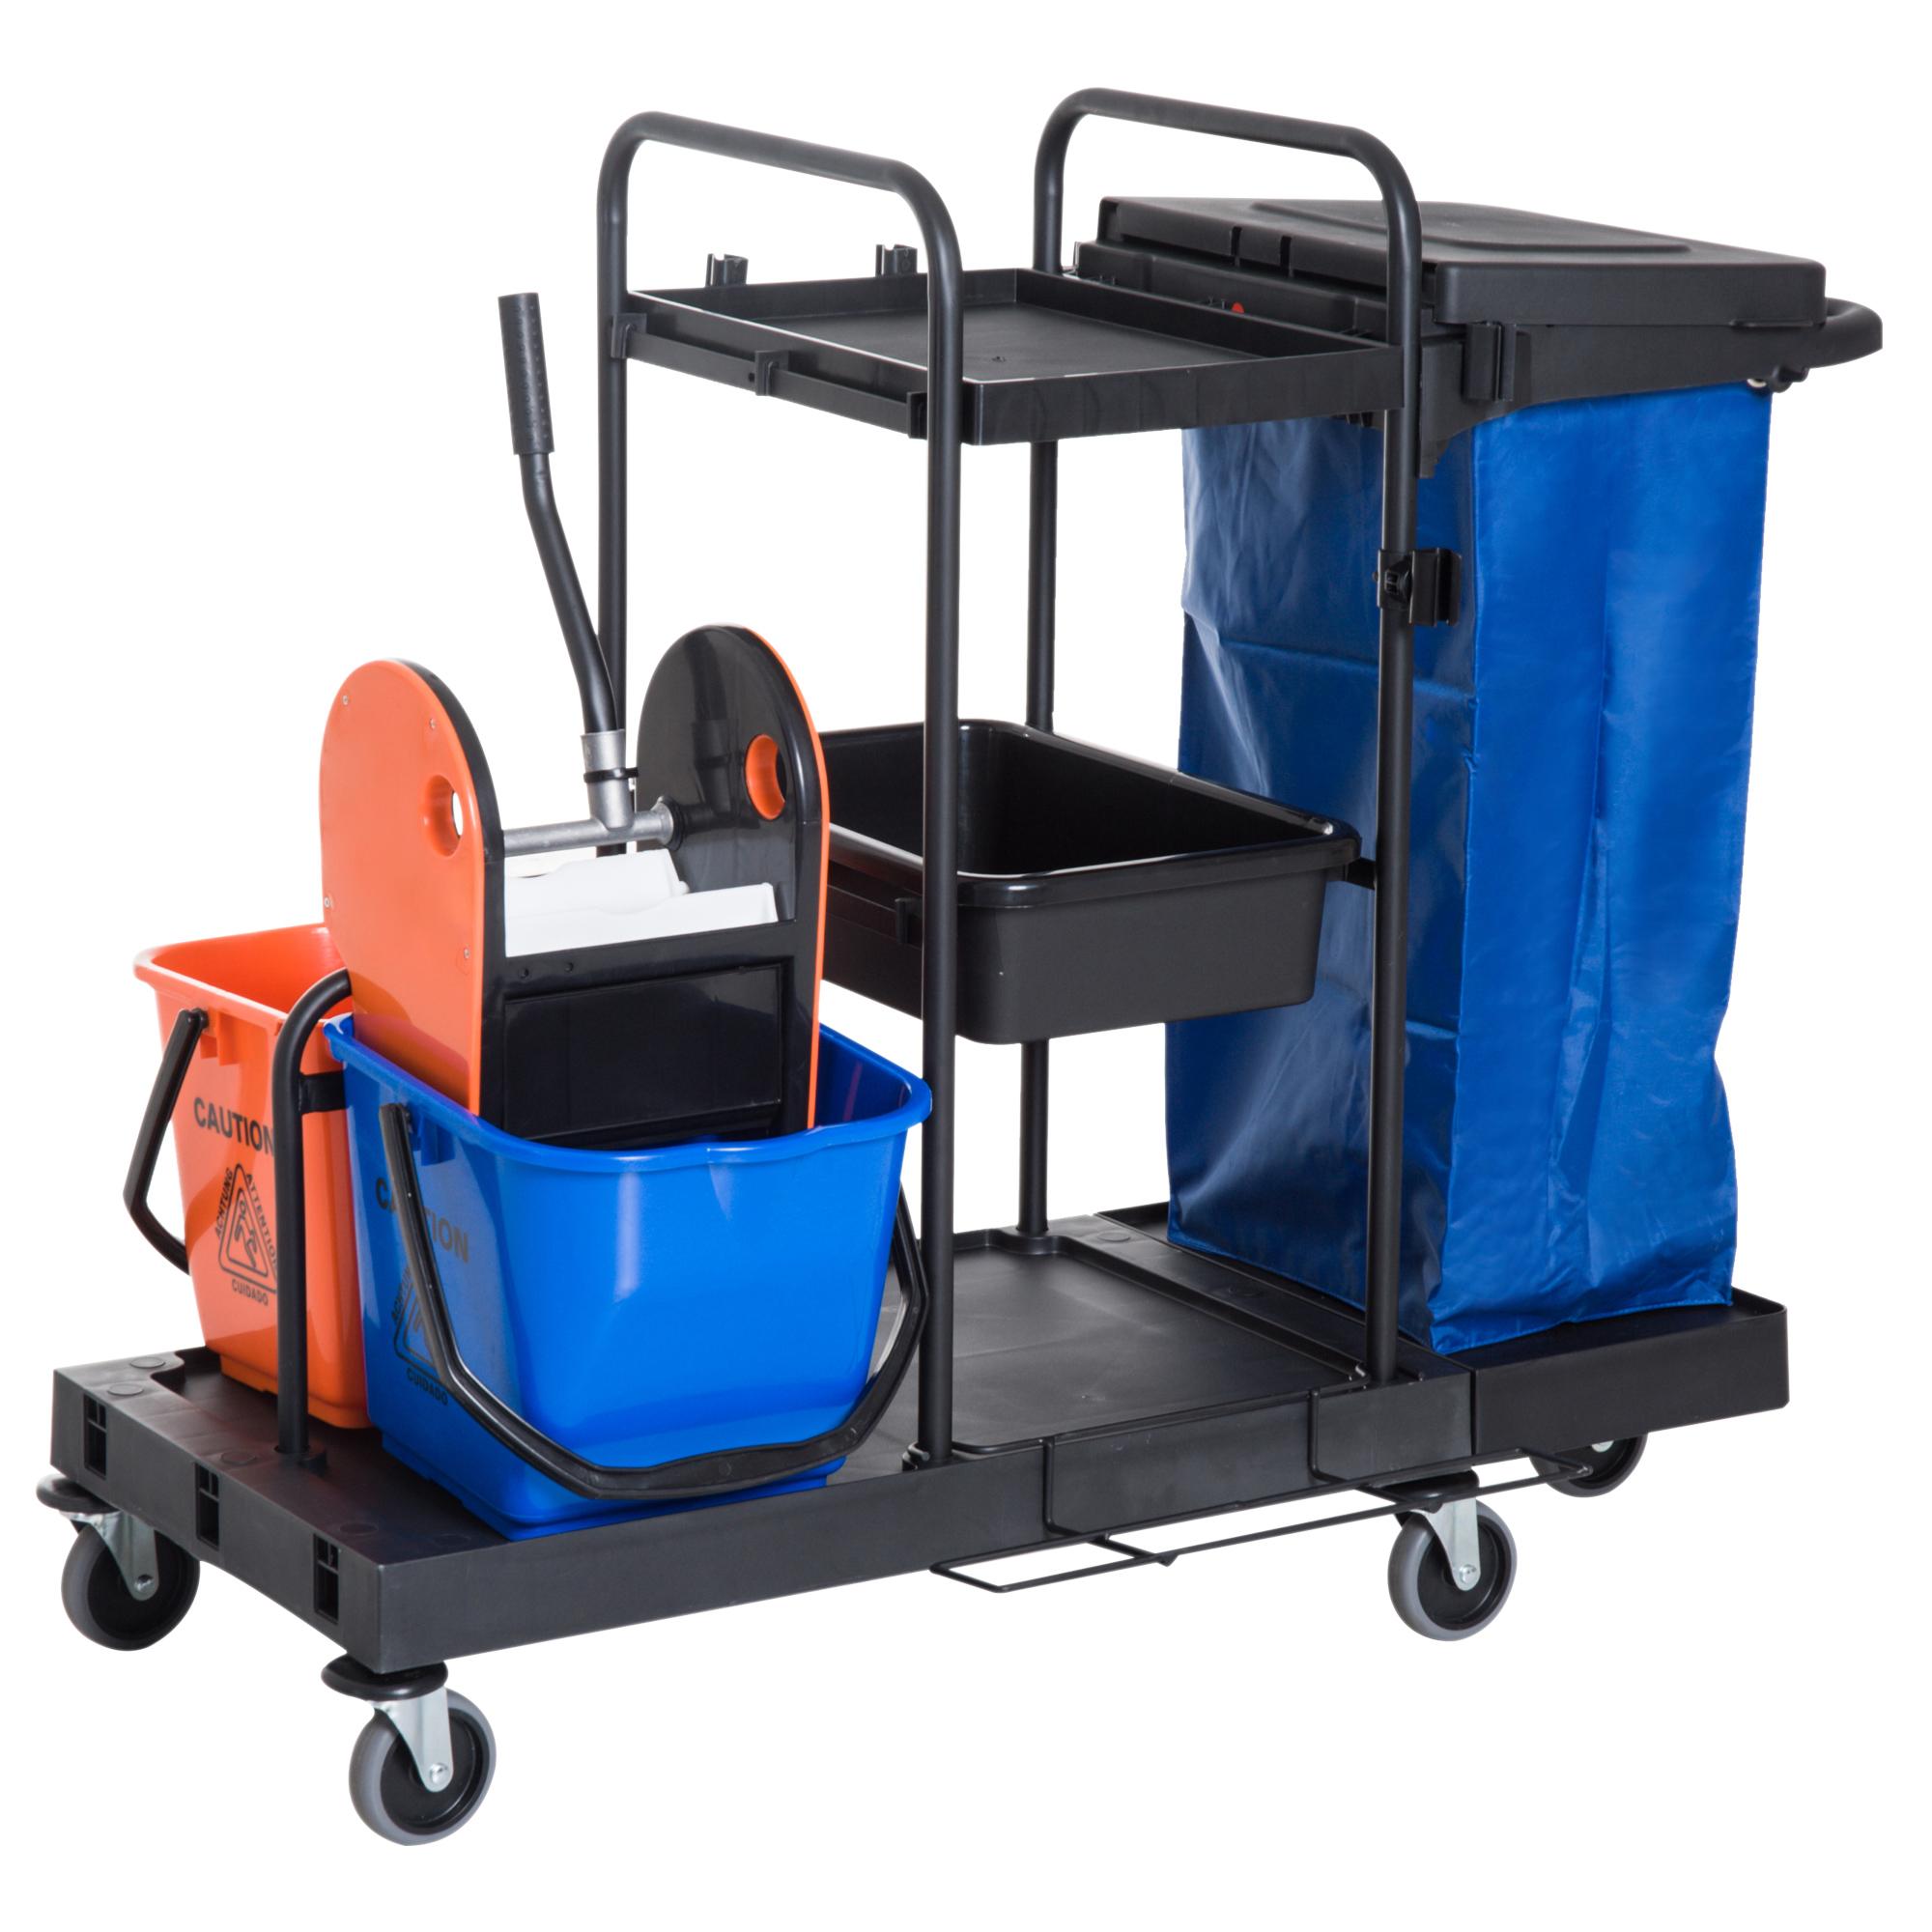 Homcom Carrello Pulizie Professionale Multiuso con 2 Secchi Capacità 18L e Ruote, Blu